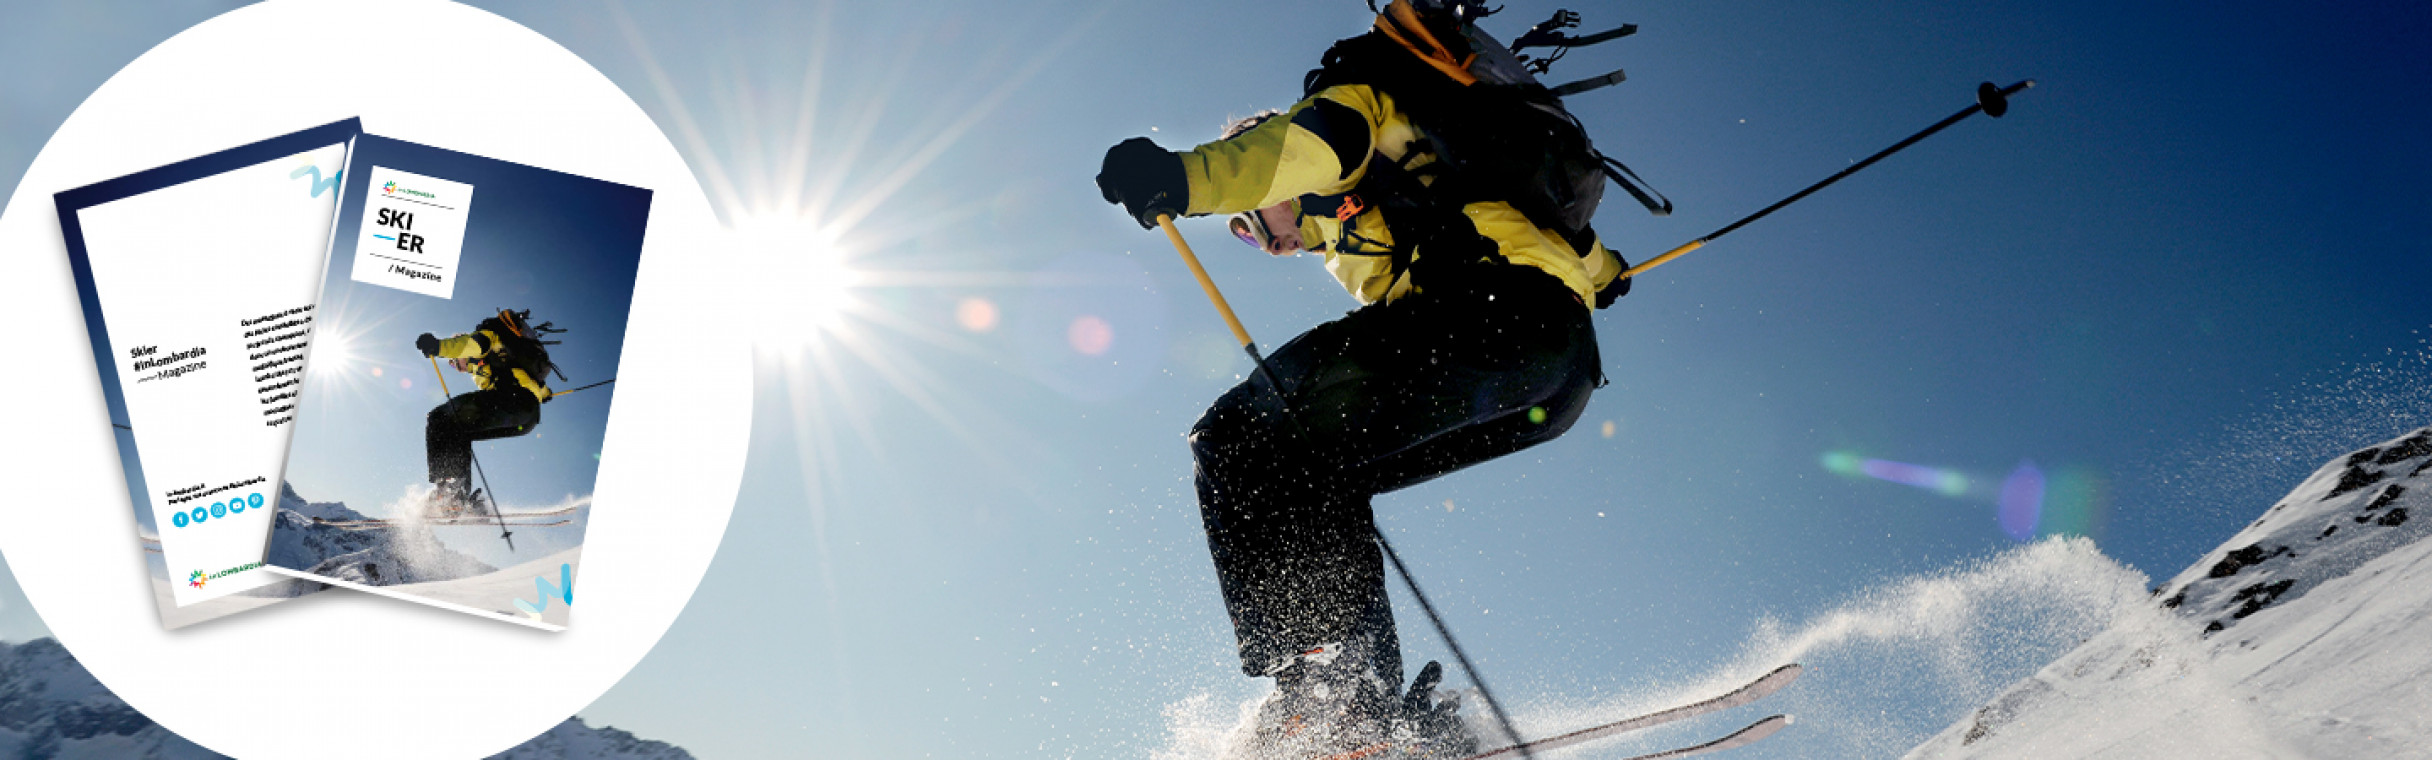 Téléchargez le Magazine Skier!